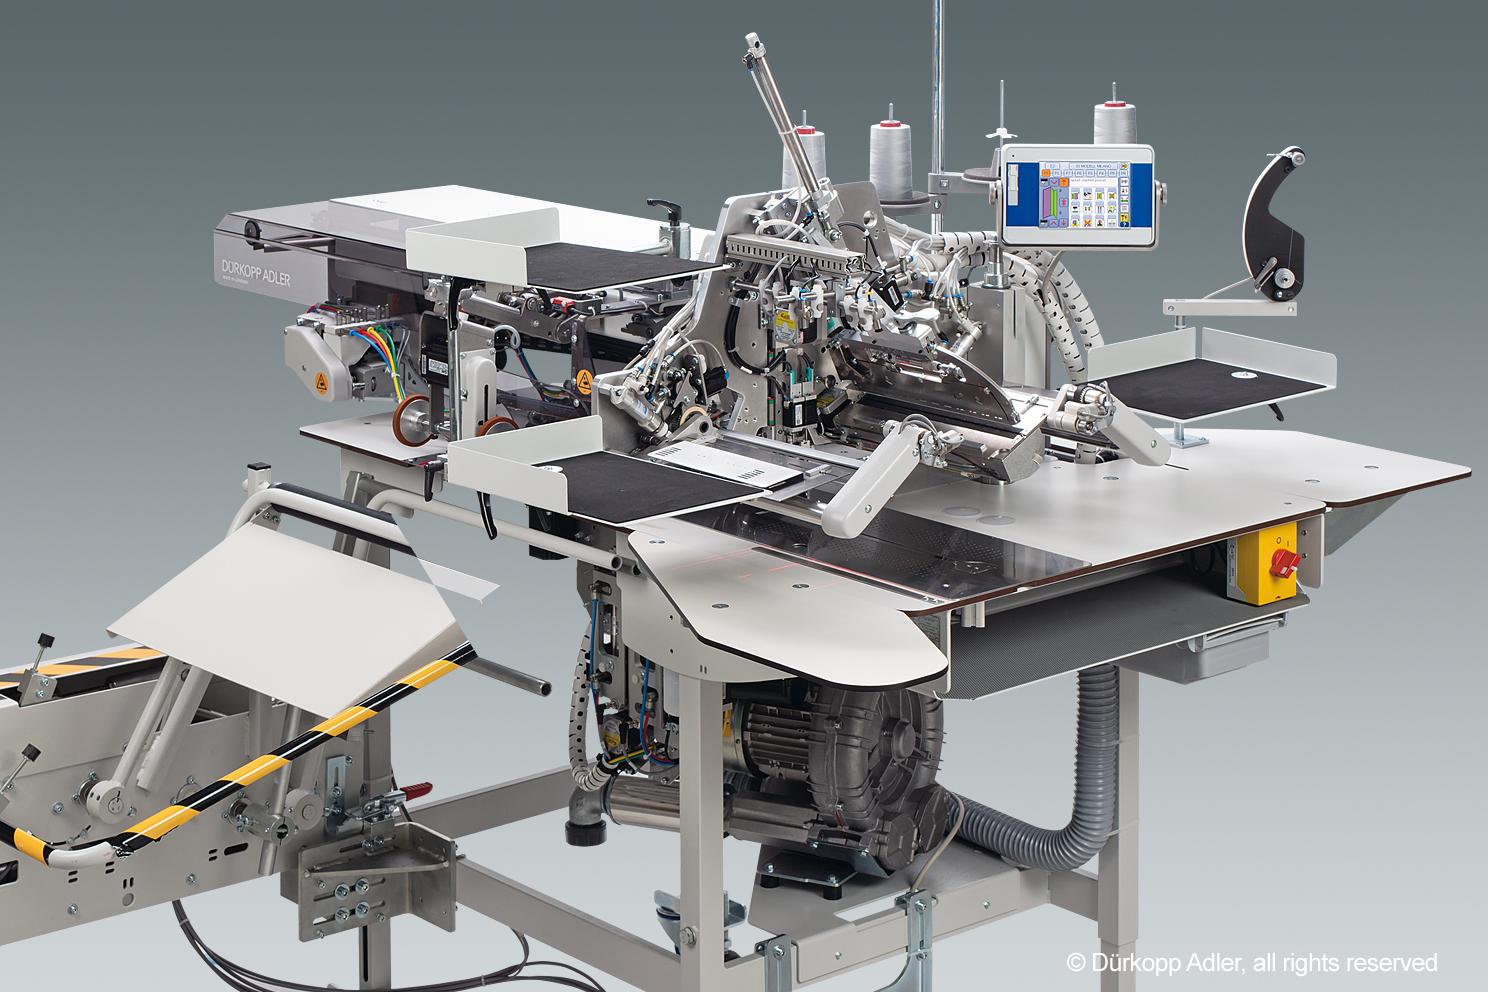 Tam otomatik besleme ve kare tutturma sistemli, CNC step motor teknolojisine sahip düz ve eğik cep fleto dikiş üniteleri